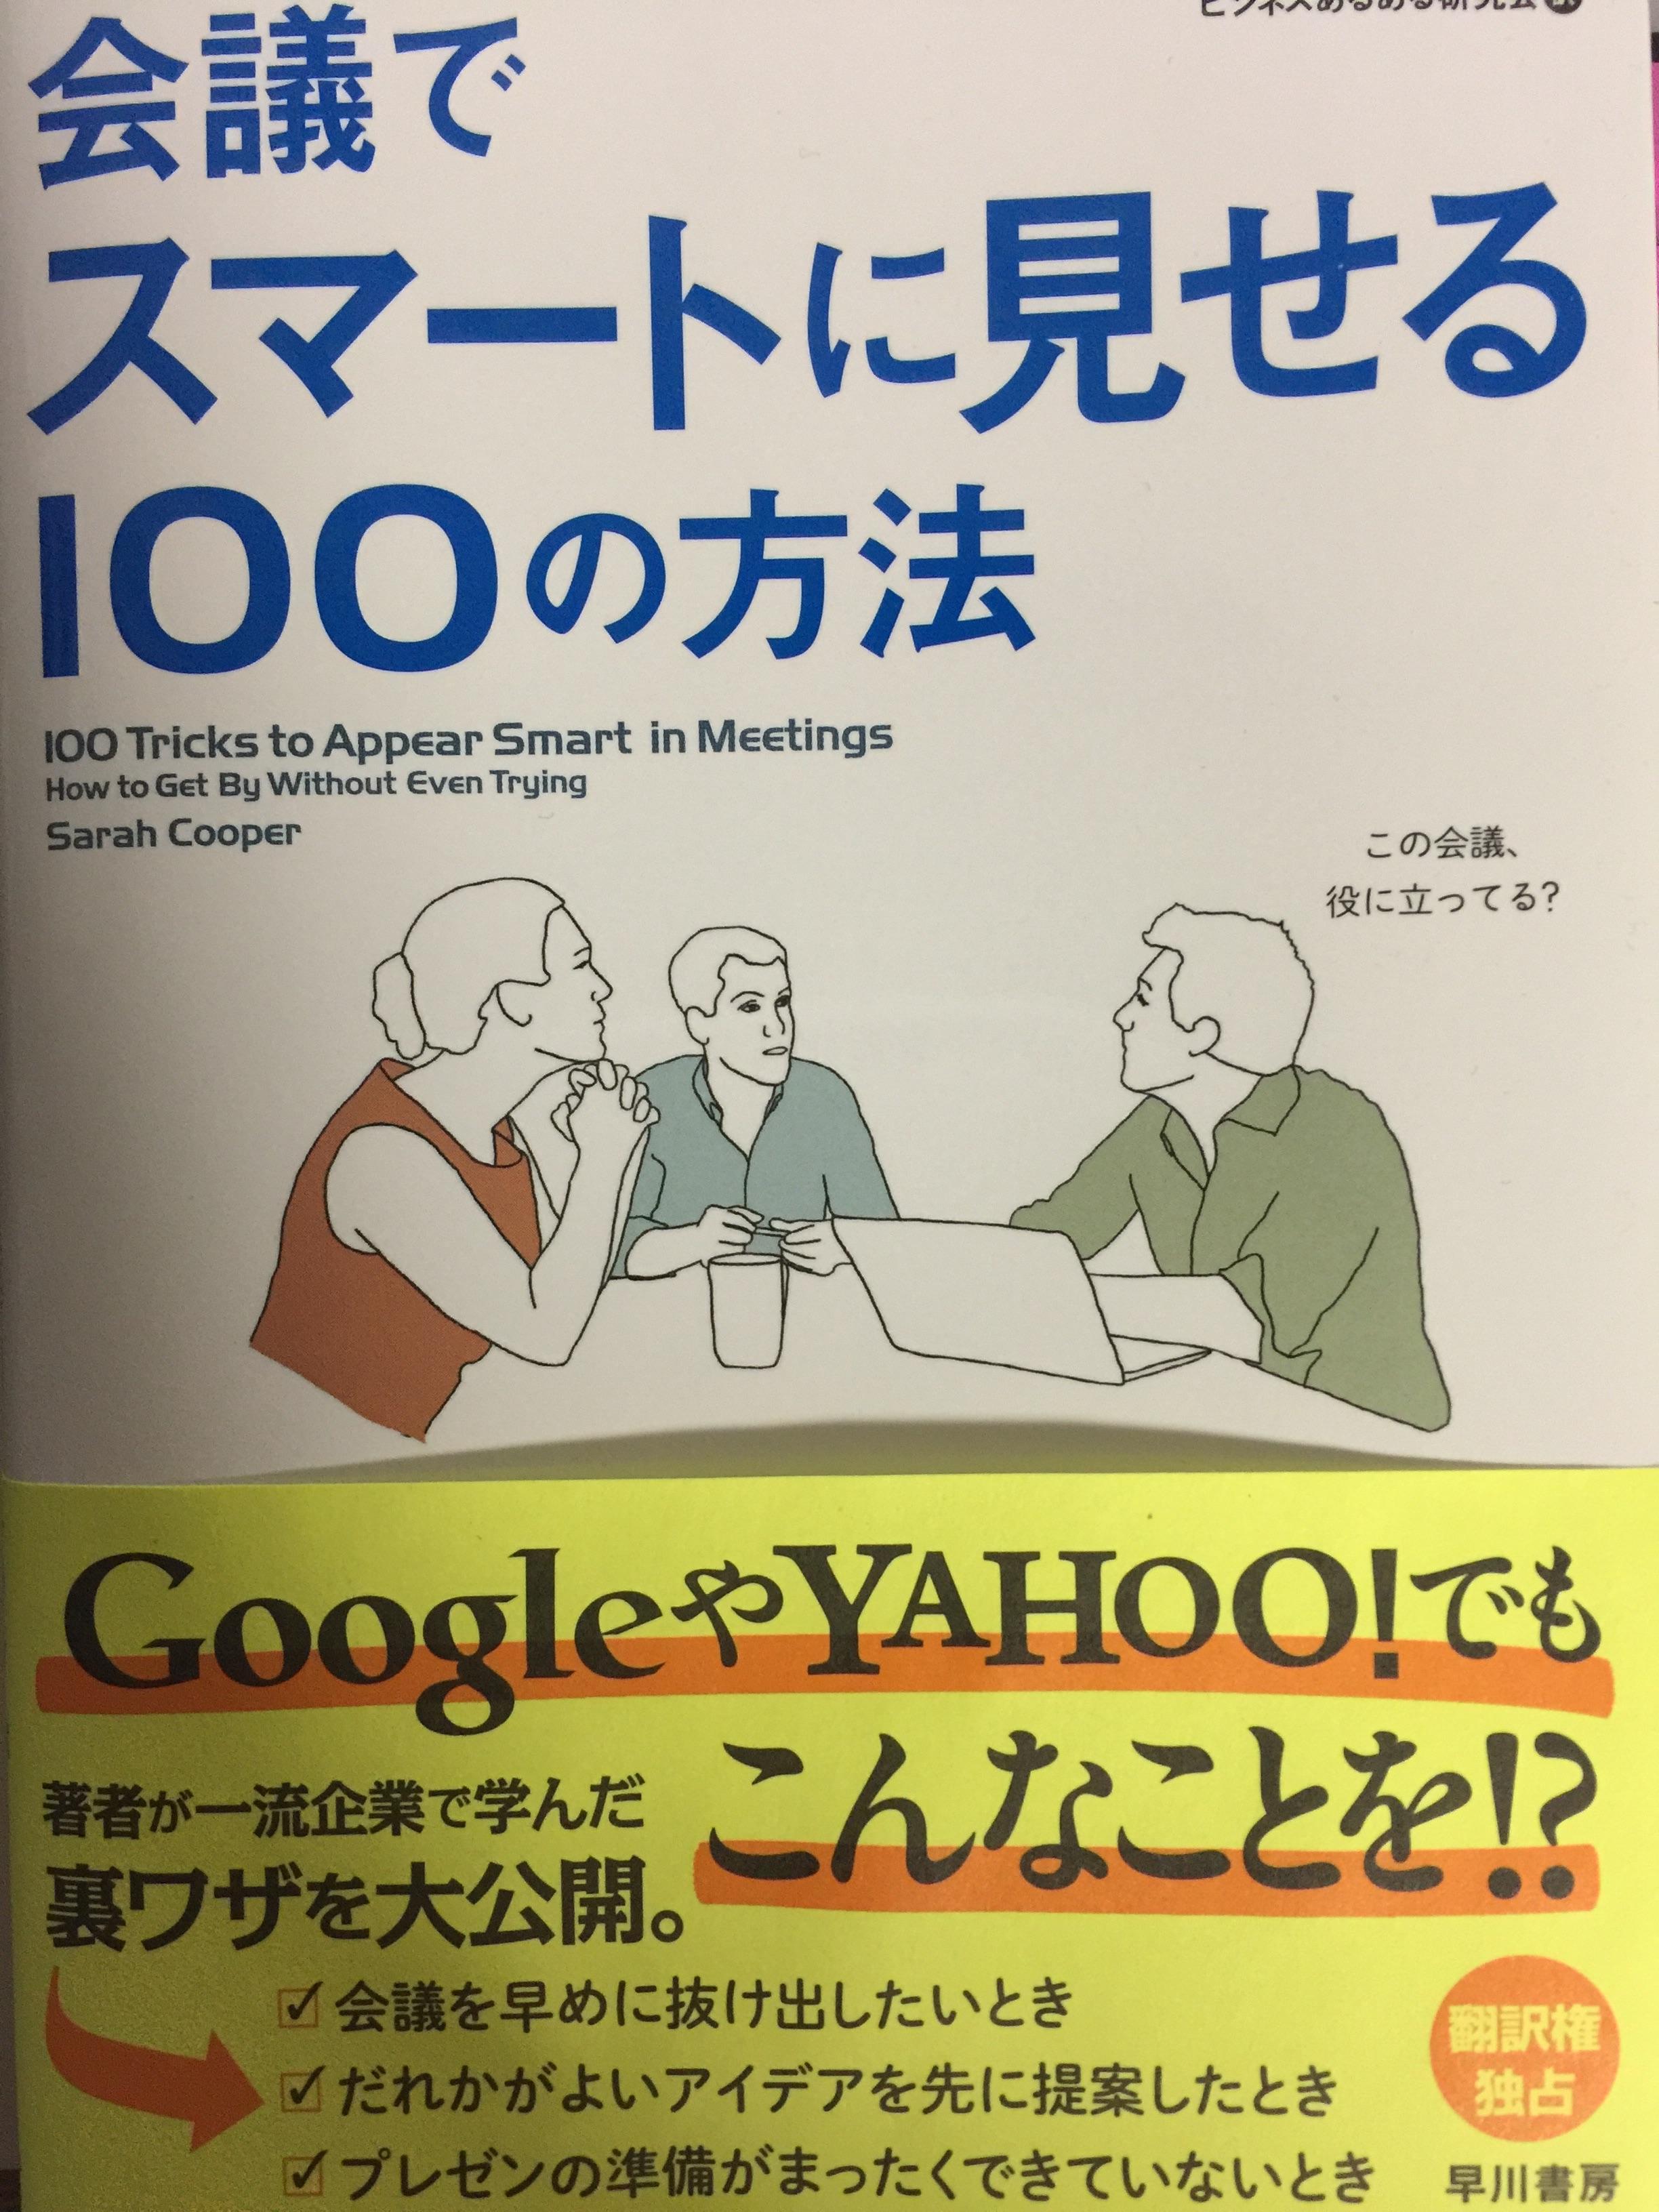 感想 『会議でスマートに見せる100の方法』 レビュー ブックデザイン